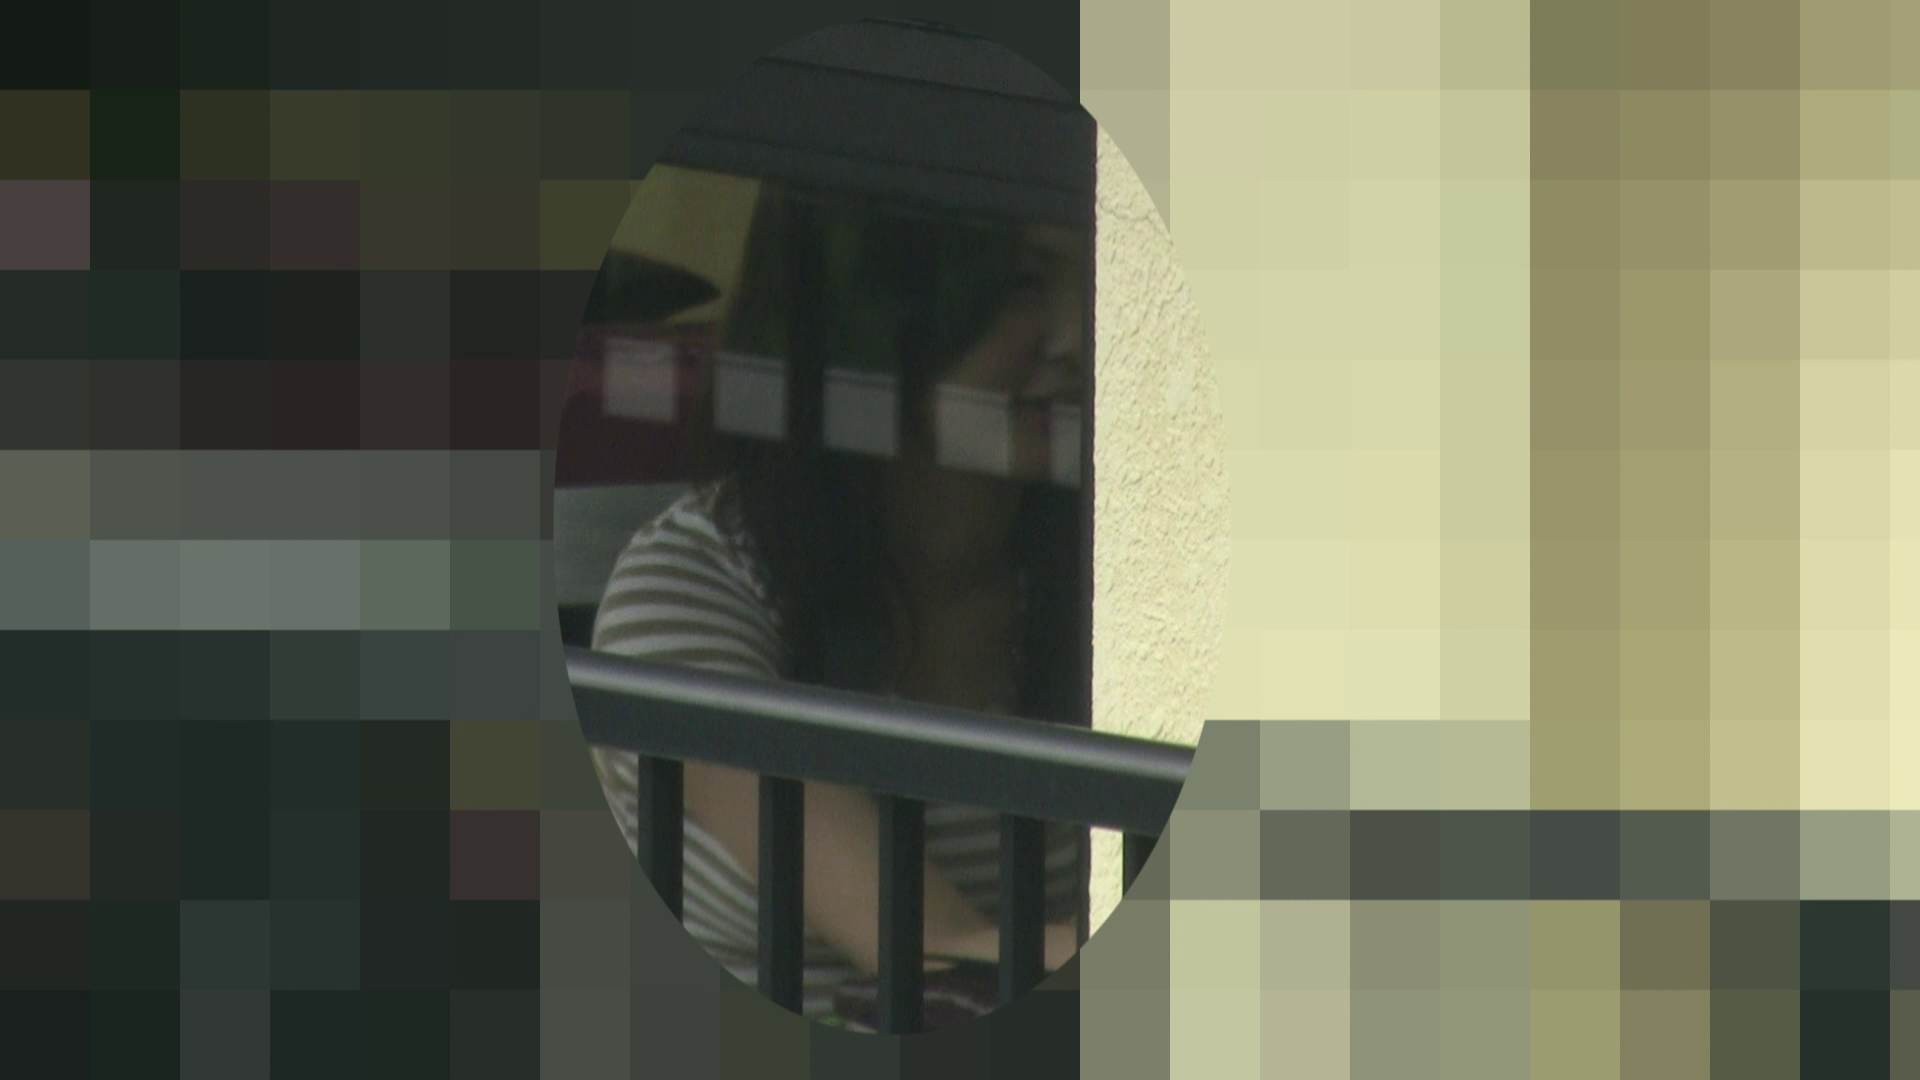 高画質露天女風呂観察 vol.032 望遠 おまんこ無修正動画無料 103pic 98